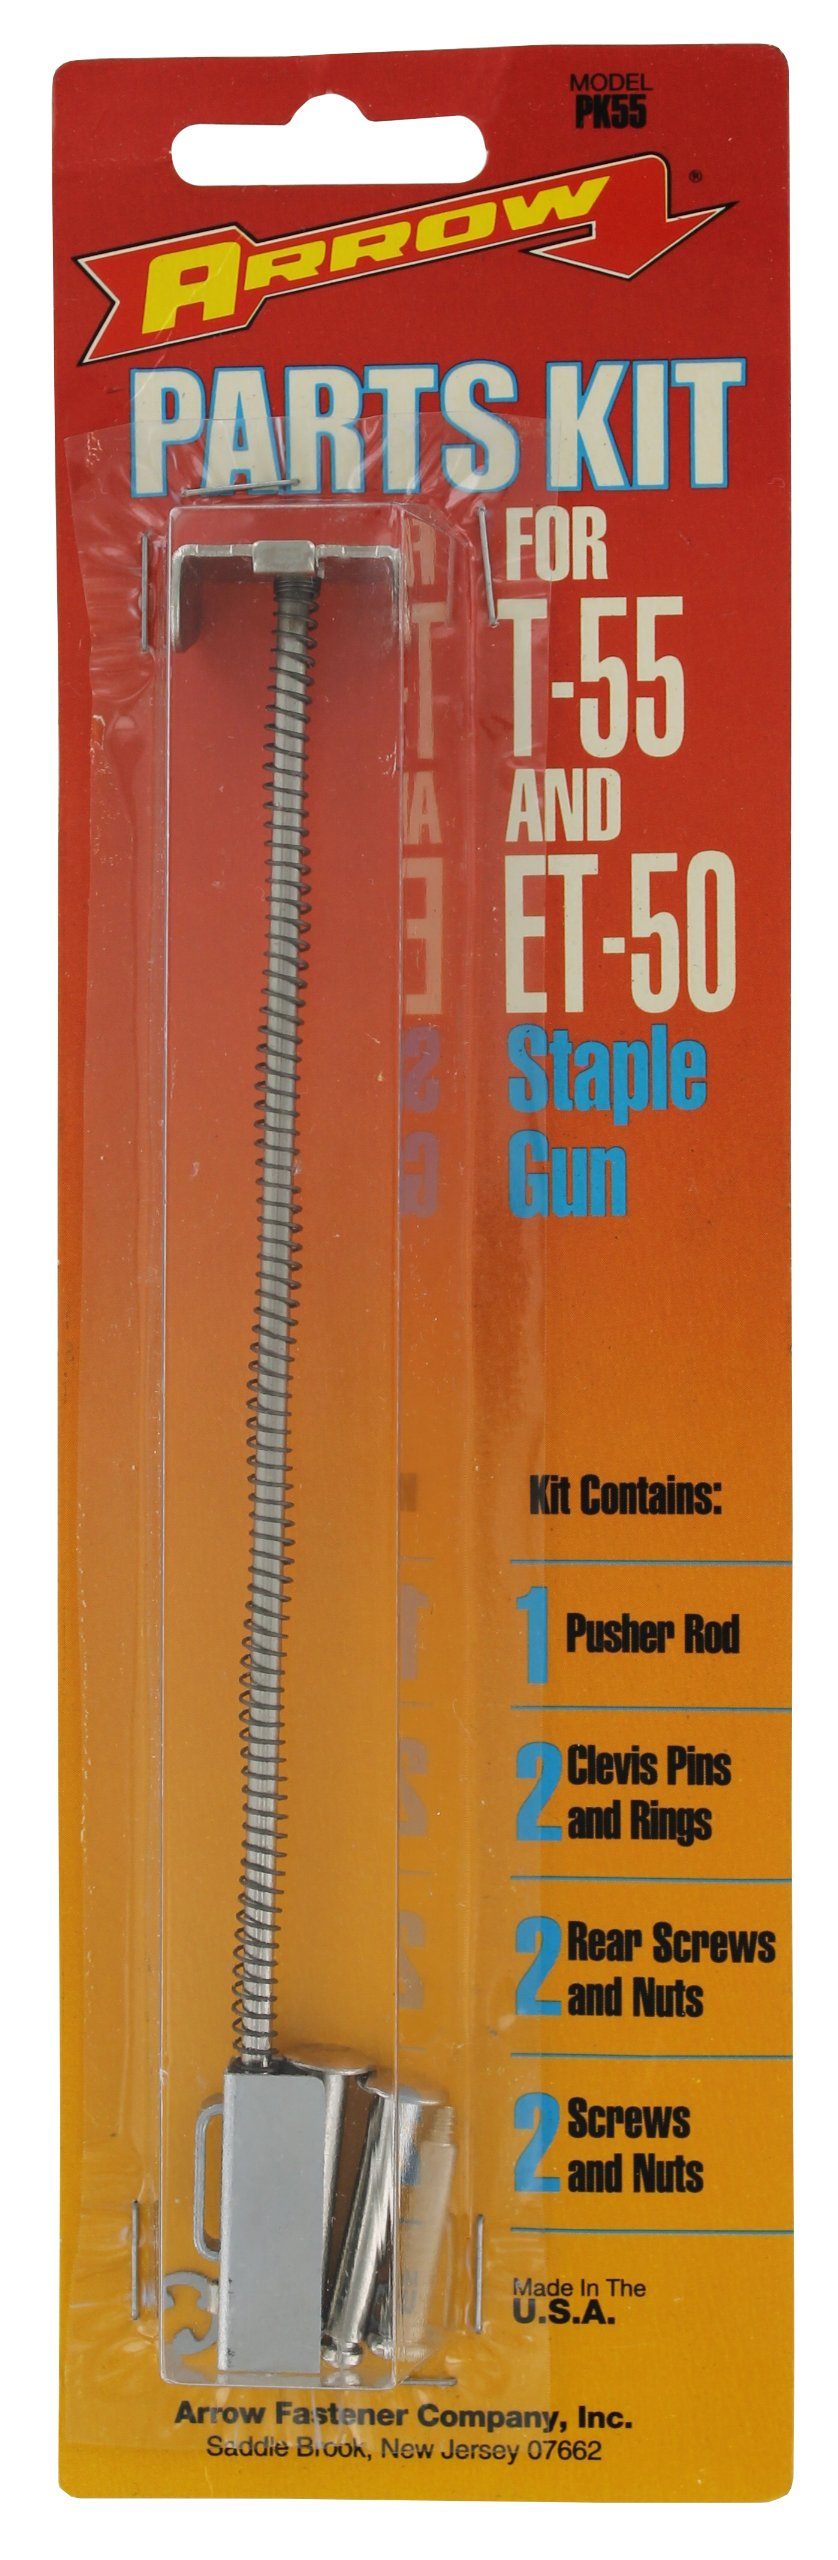 Arrow Fastener PK55 Parts Kit for T55, ET50 Staple Gun